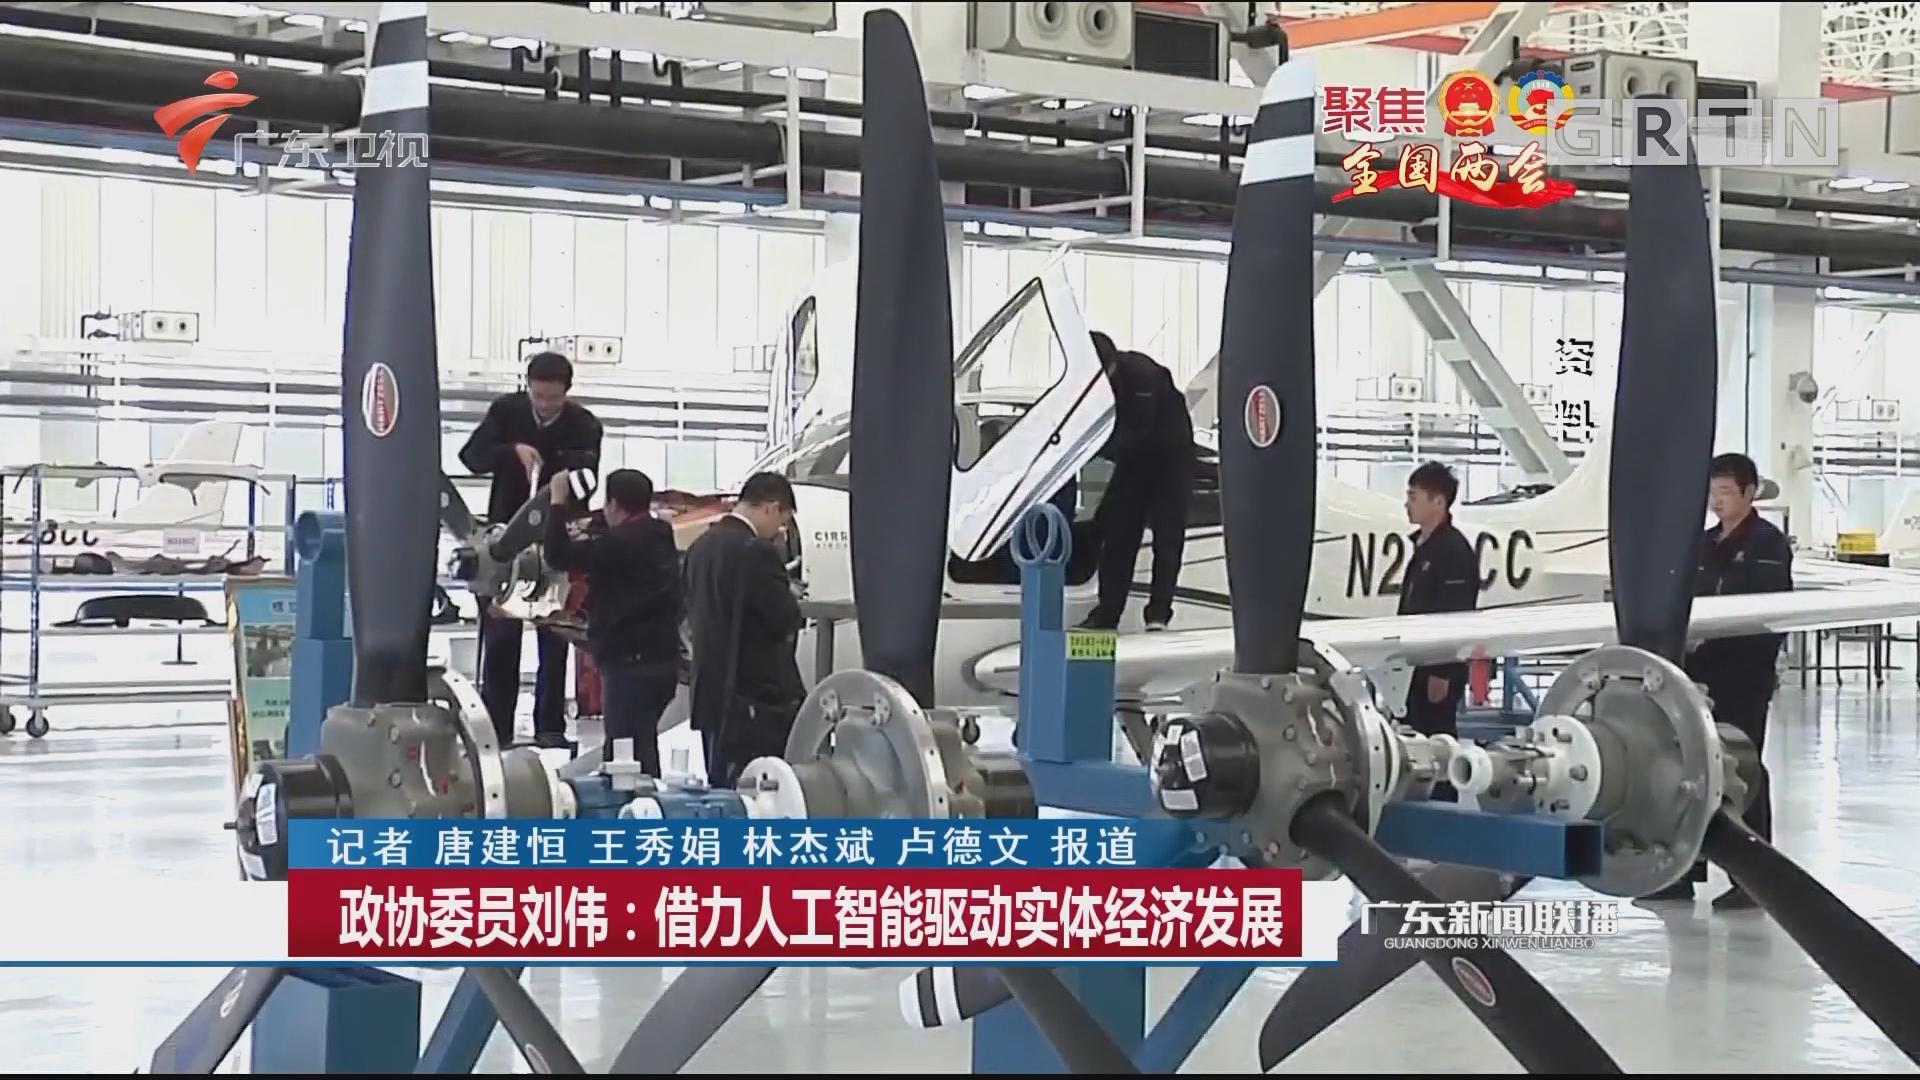 政协委员刘伟:借力人工智能驱动实体经济发展